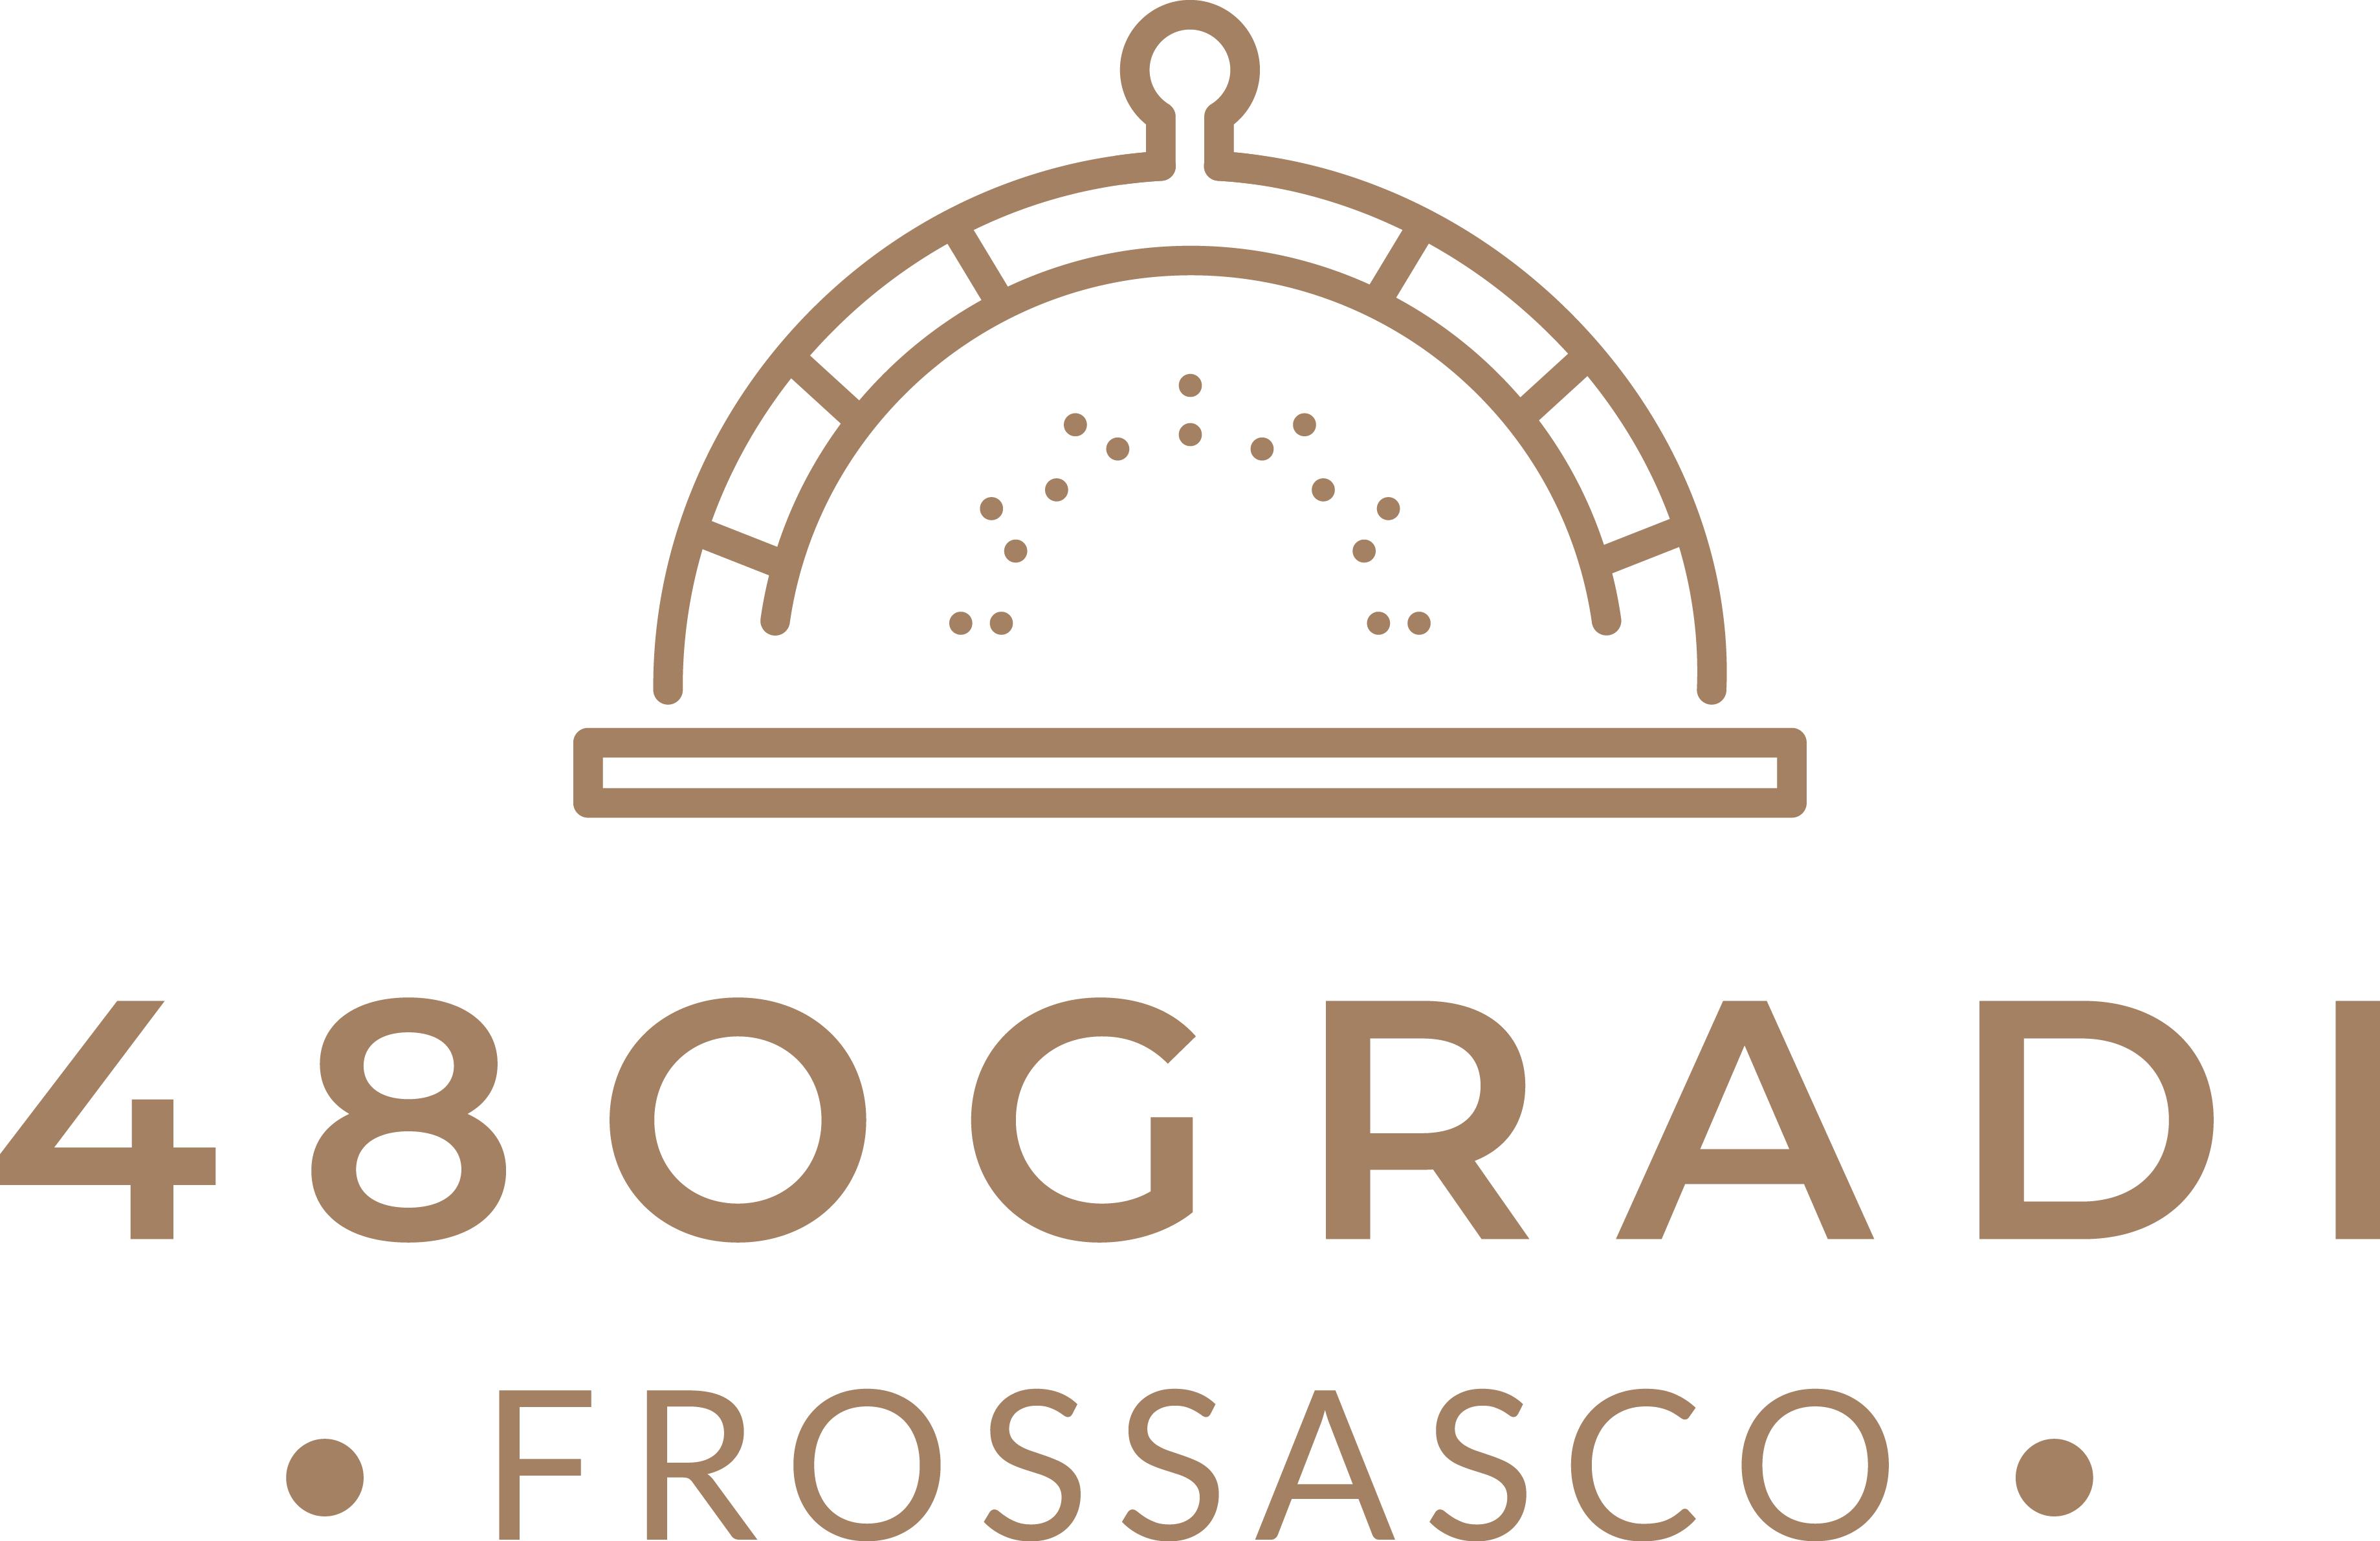 Pizzeria 480GRADI Frossasco